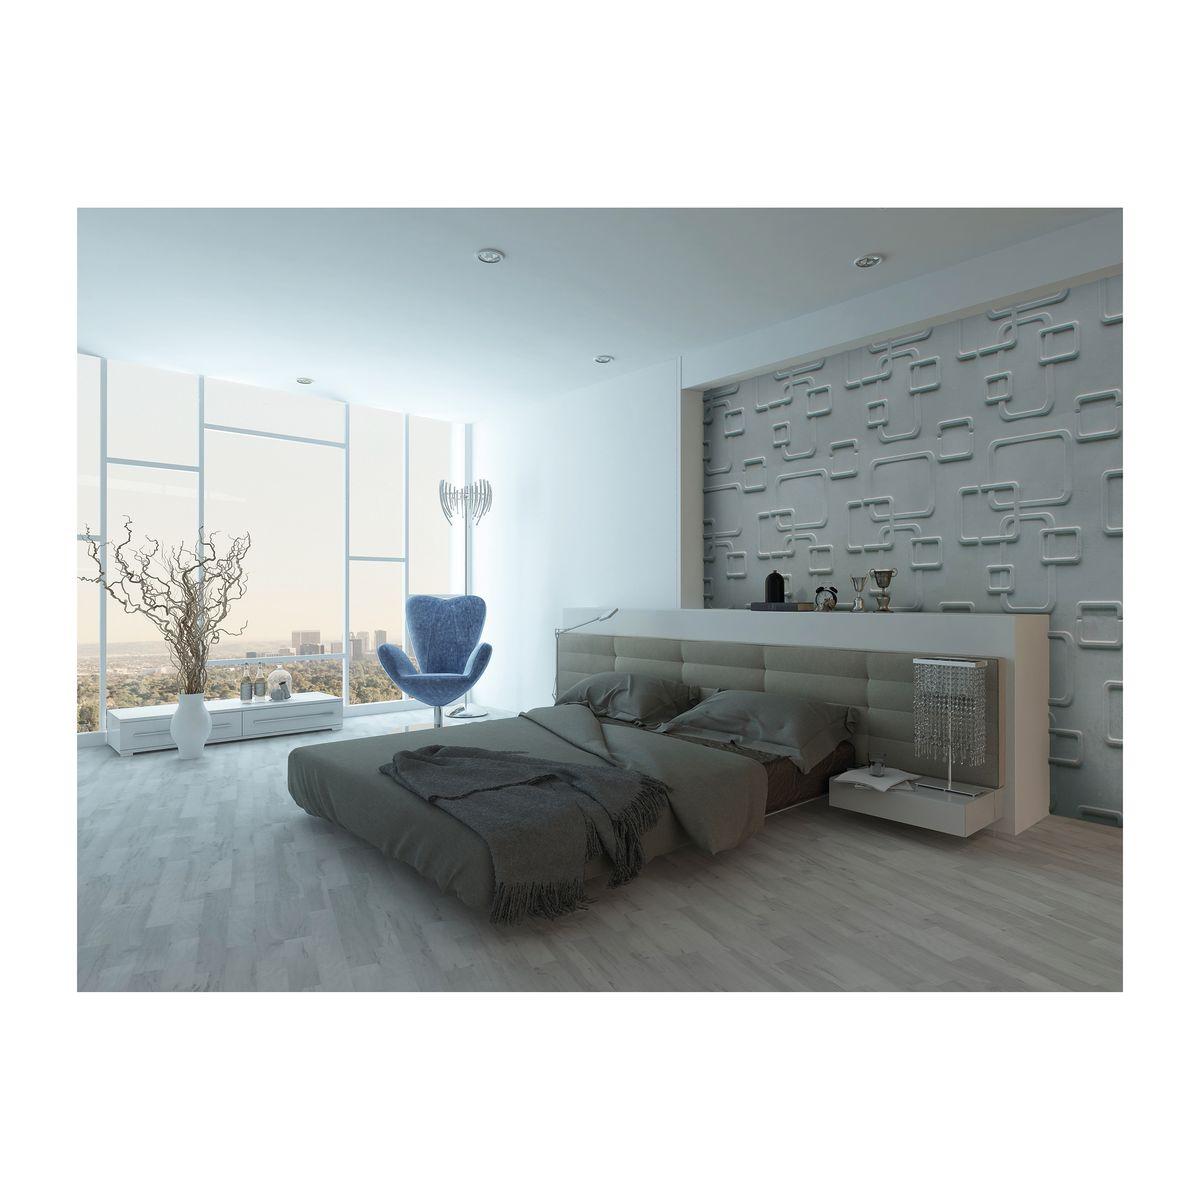 Decorazioni pareti: prezzi e offerte pannelli decorativi per pareti